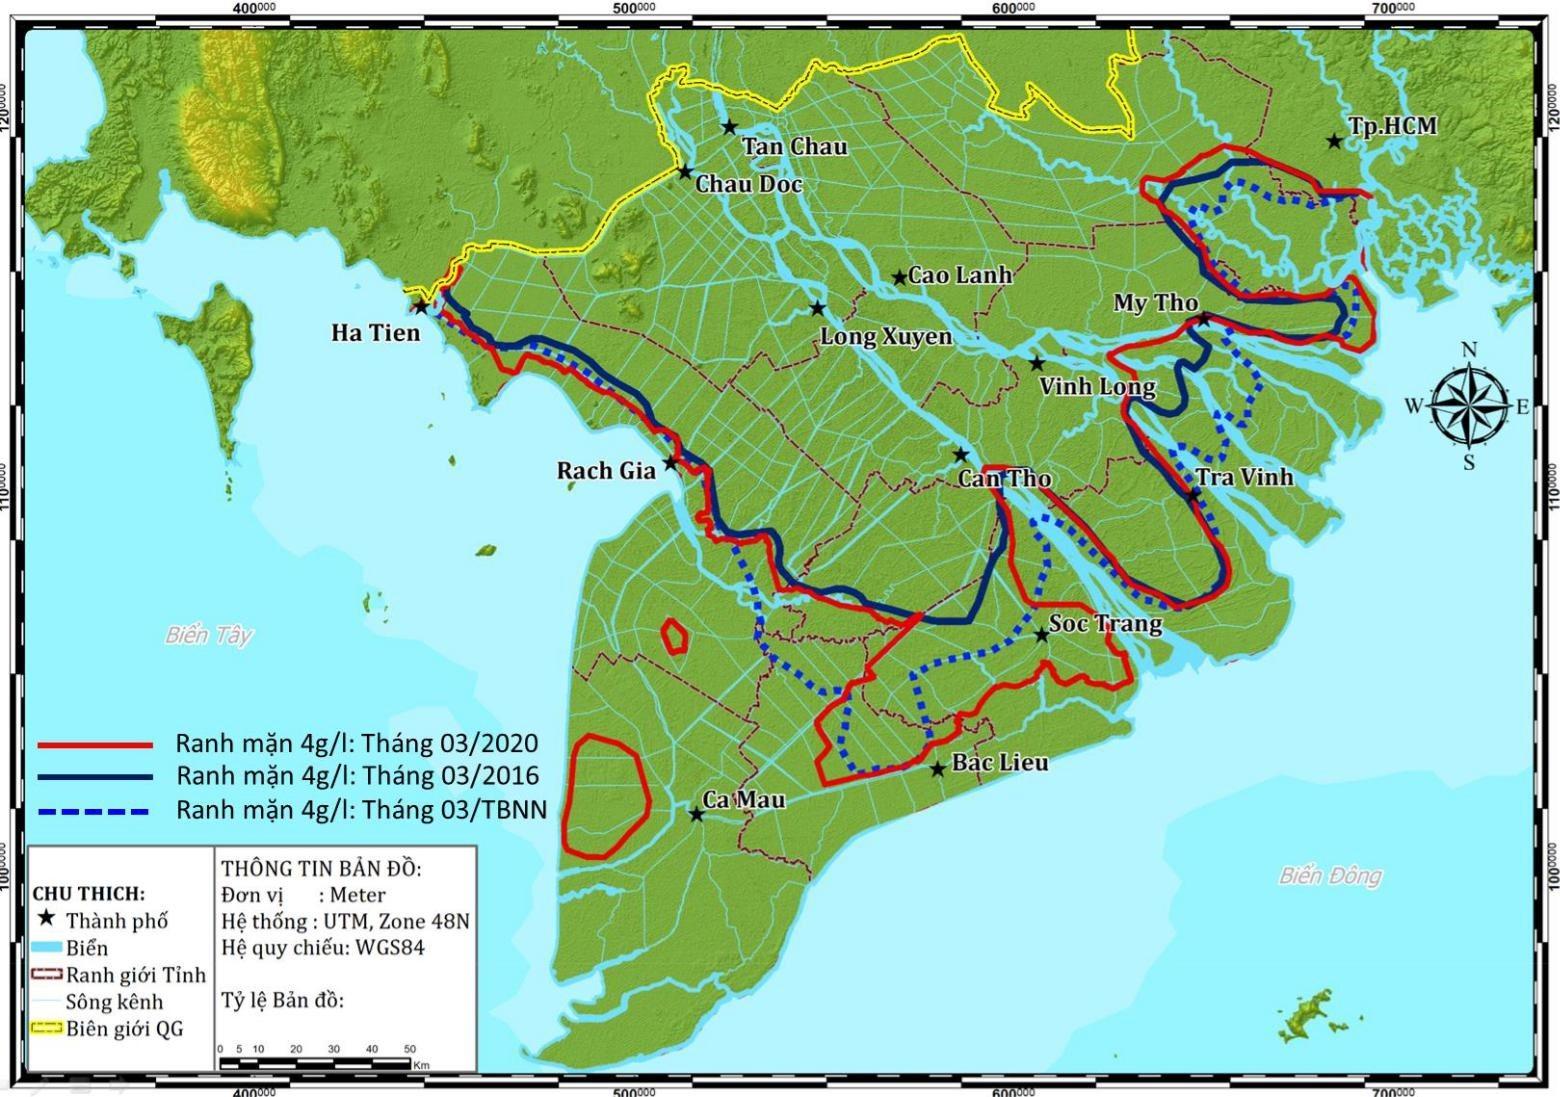 Đồng bằng sông Cửu Long tiếp tục đối mặt với hạn hán, xâm nhập mặn